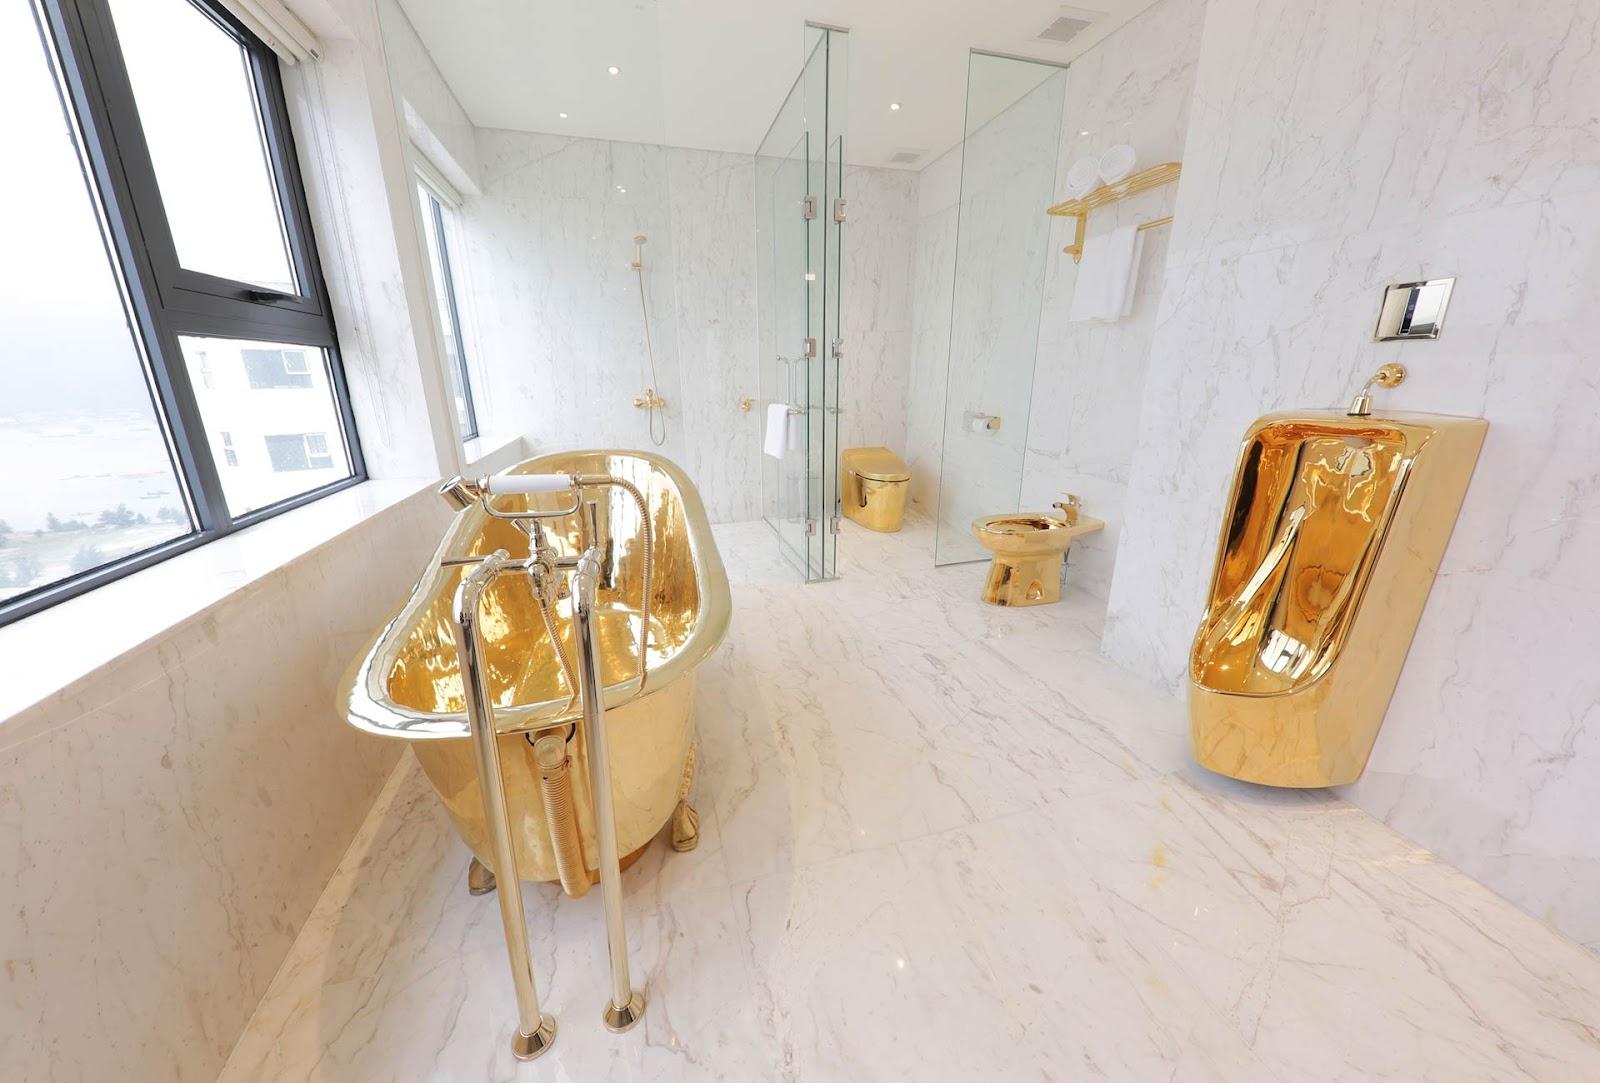 Nội thất nhà vệ sinh được dát vàng 24K toàn bộ